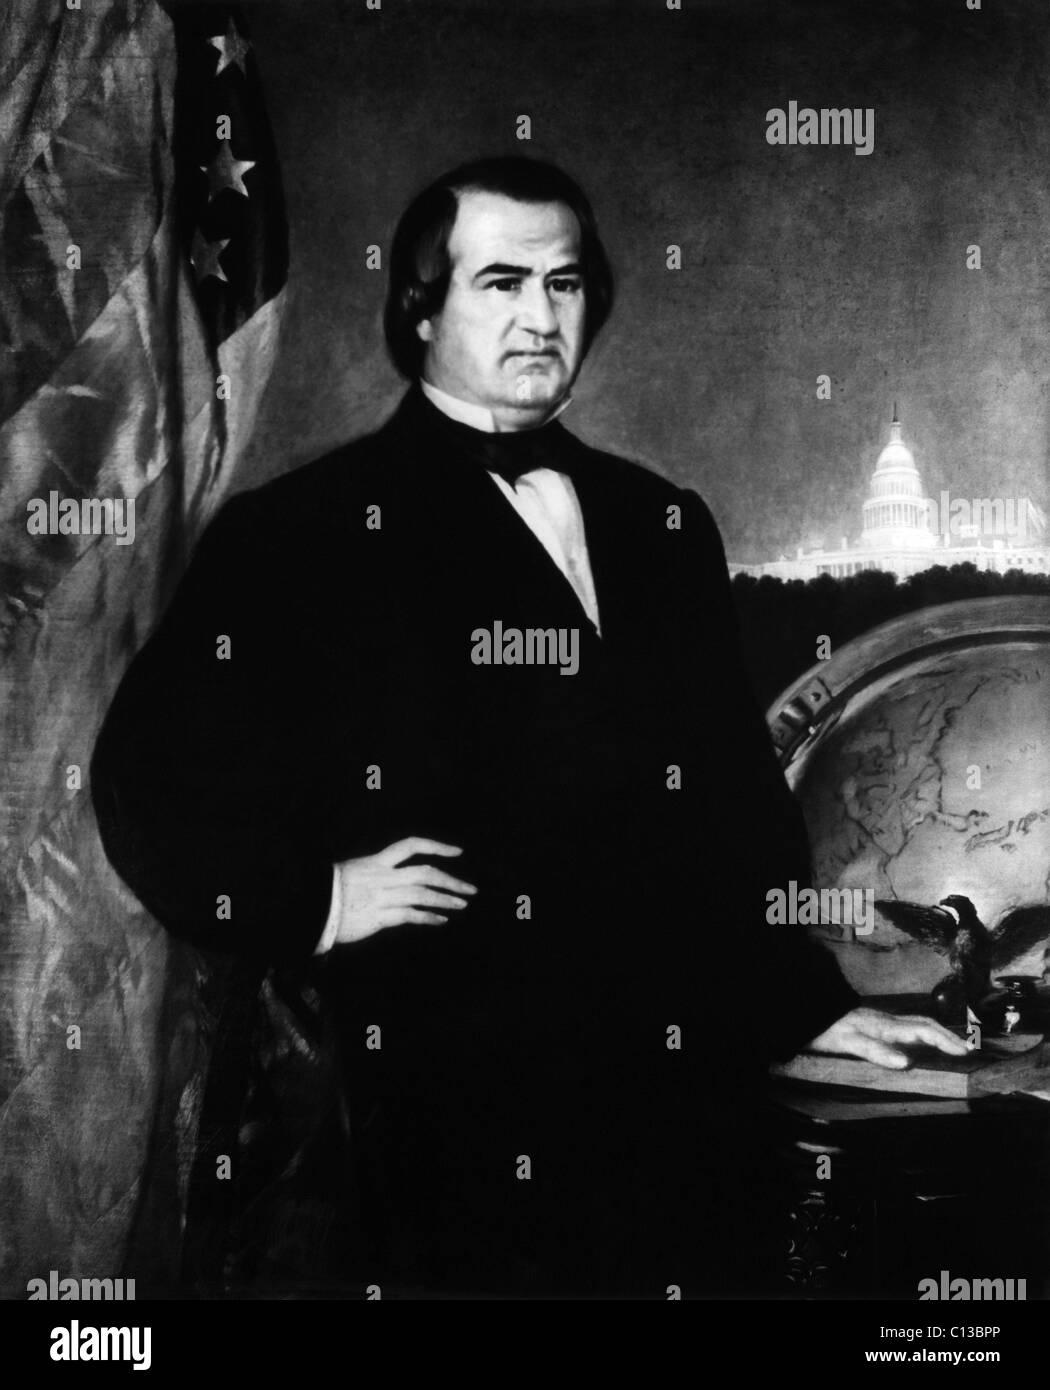 Andrew Johnson (1808-1875), U.S. President 1865-1868, circa 1860s. - Stock Image